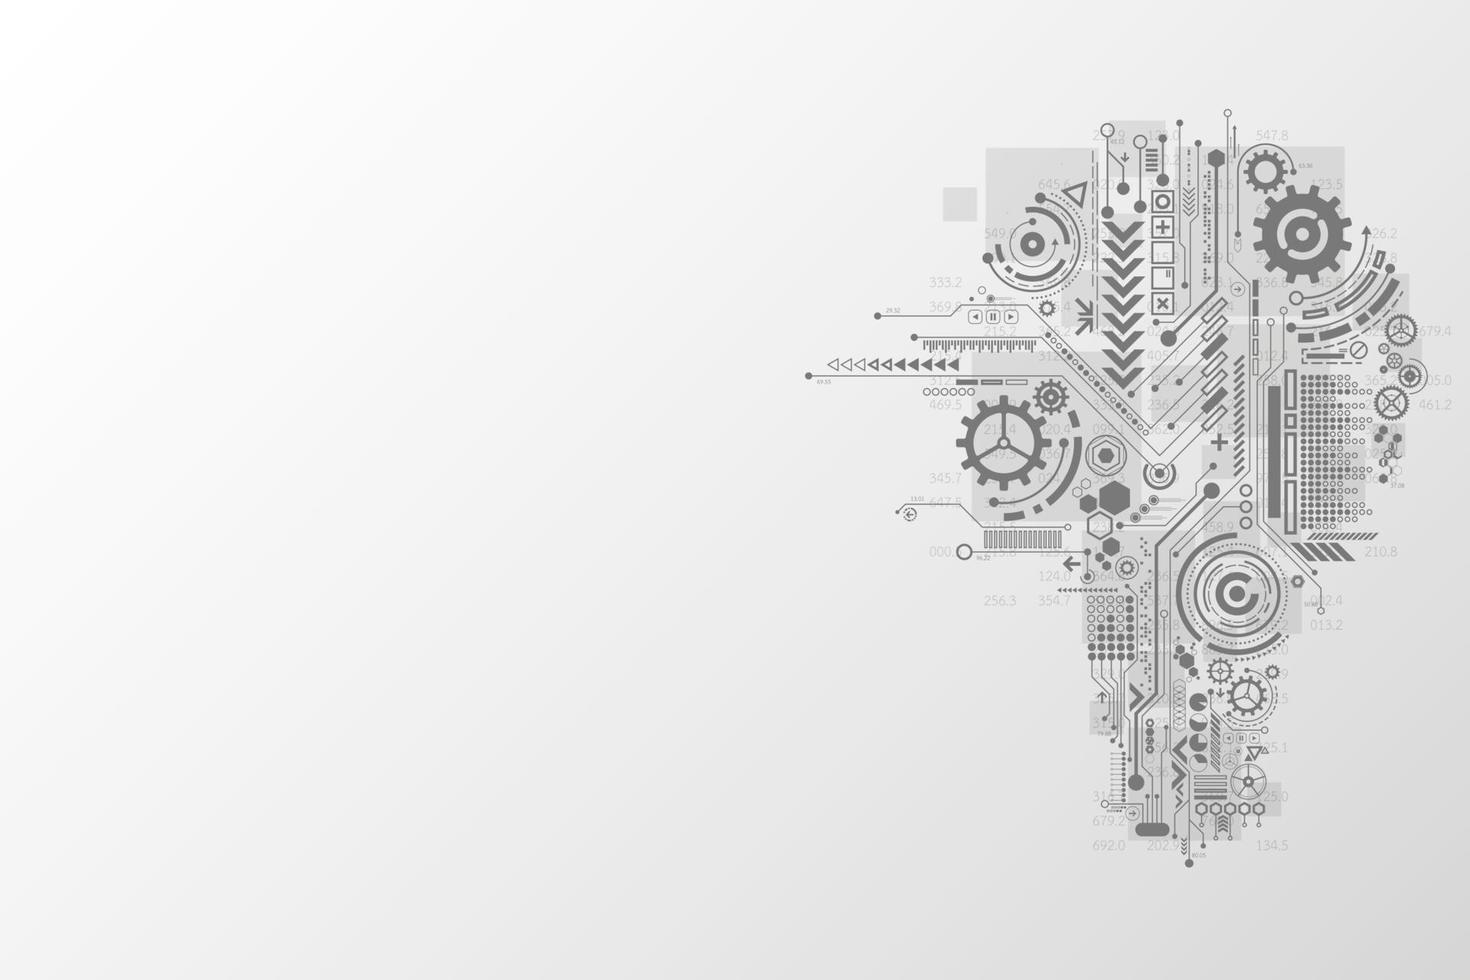 nieuwe technologie die is ontstaan uit creativiteit. vector